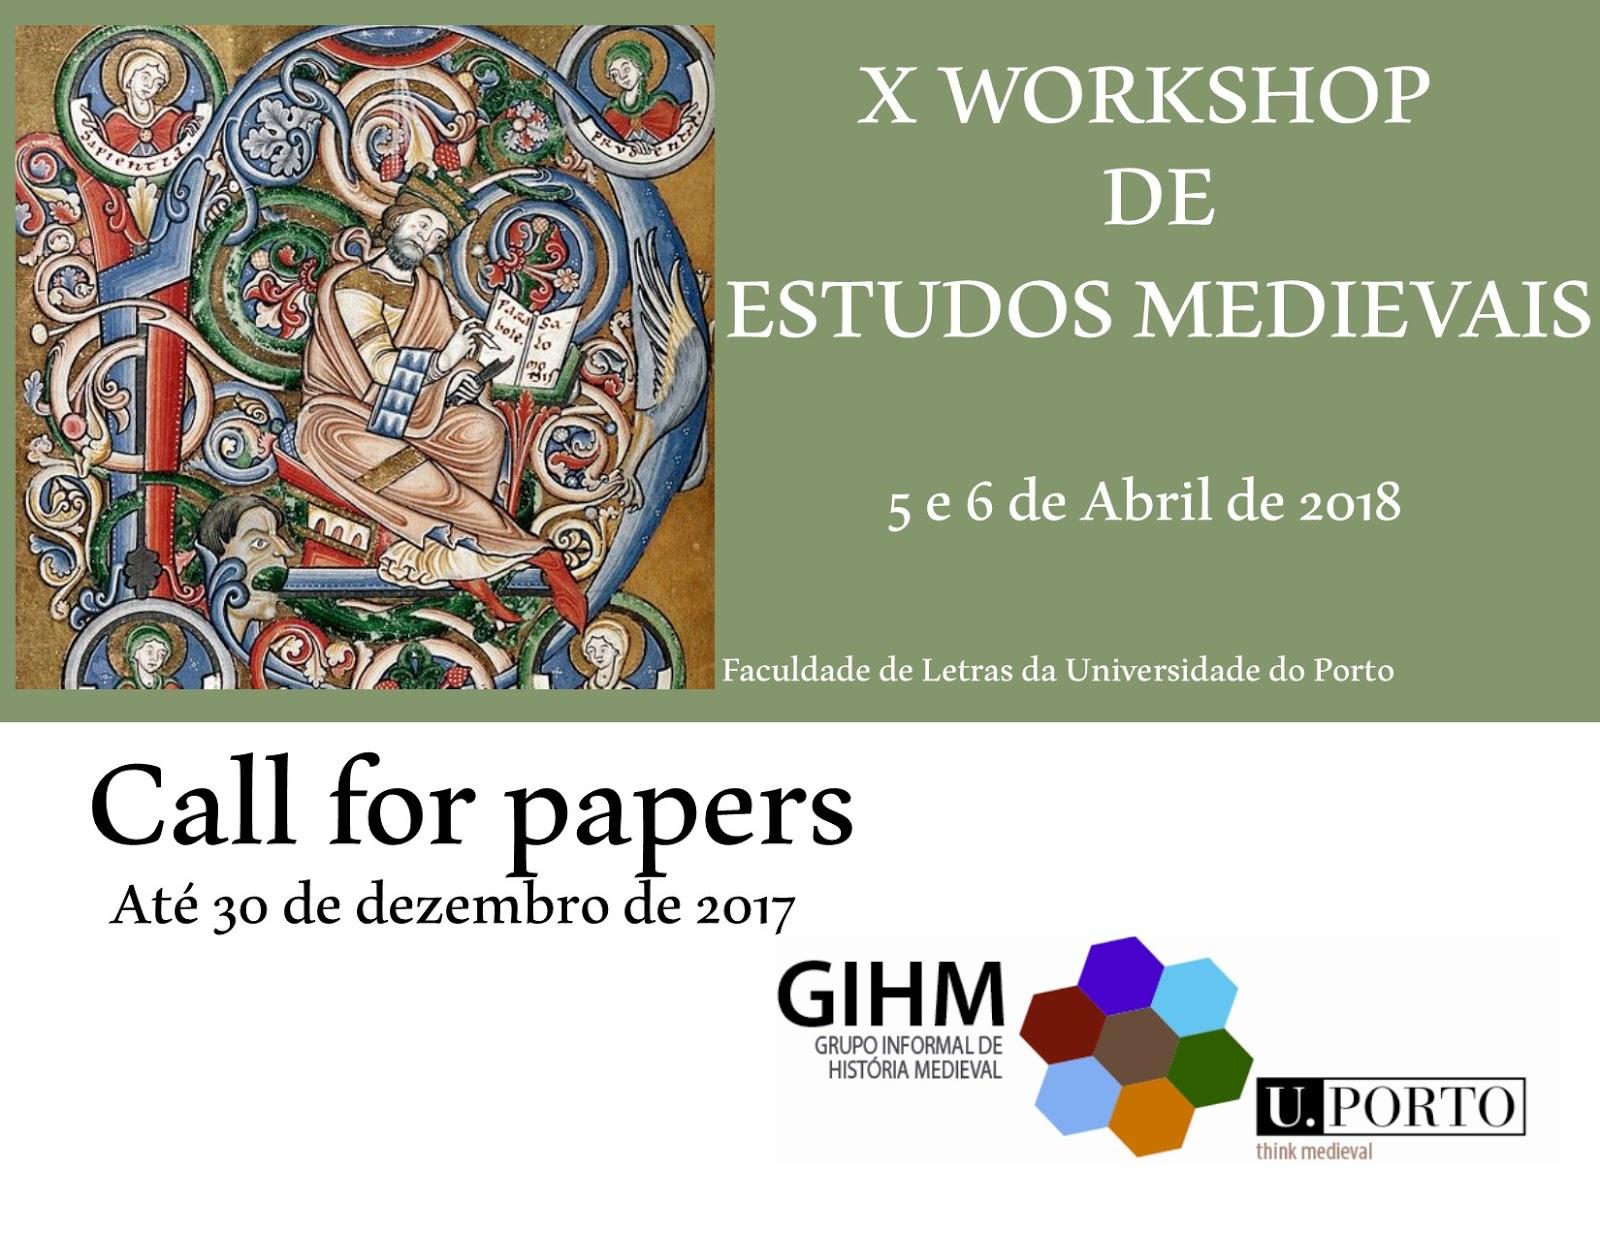 X Workshop de Estudos Medievais